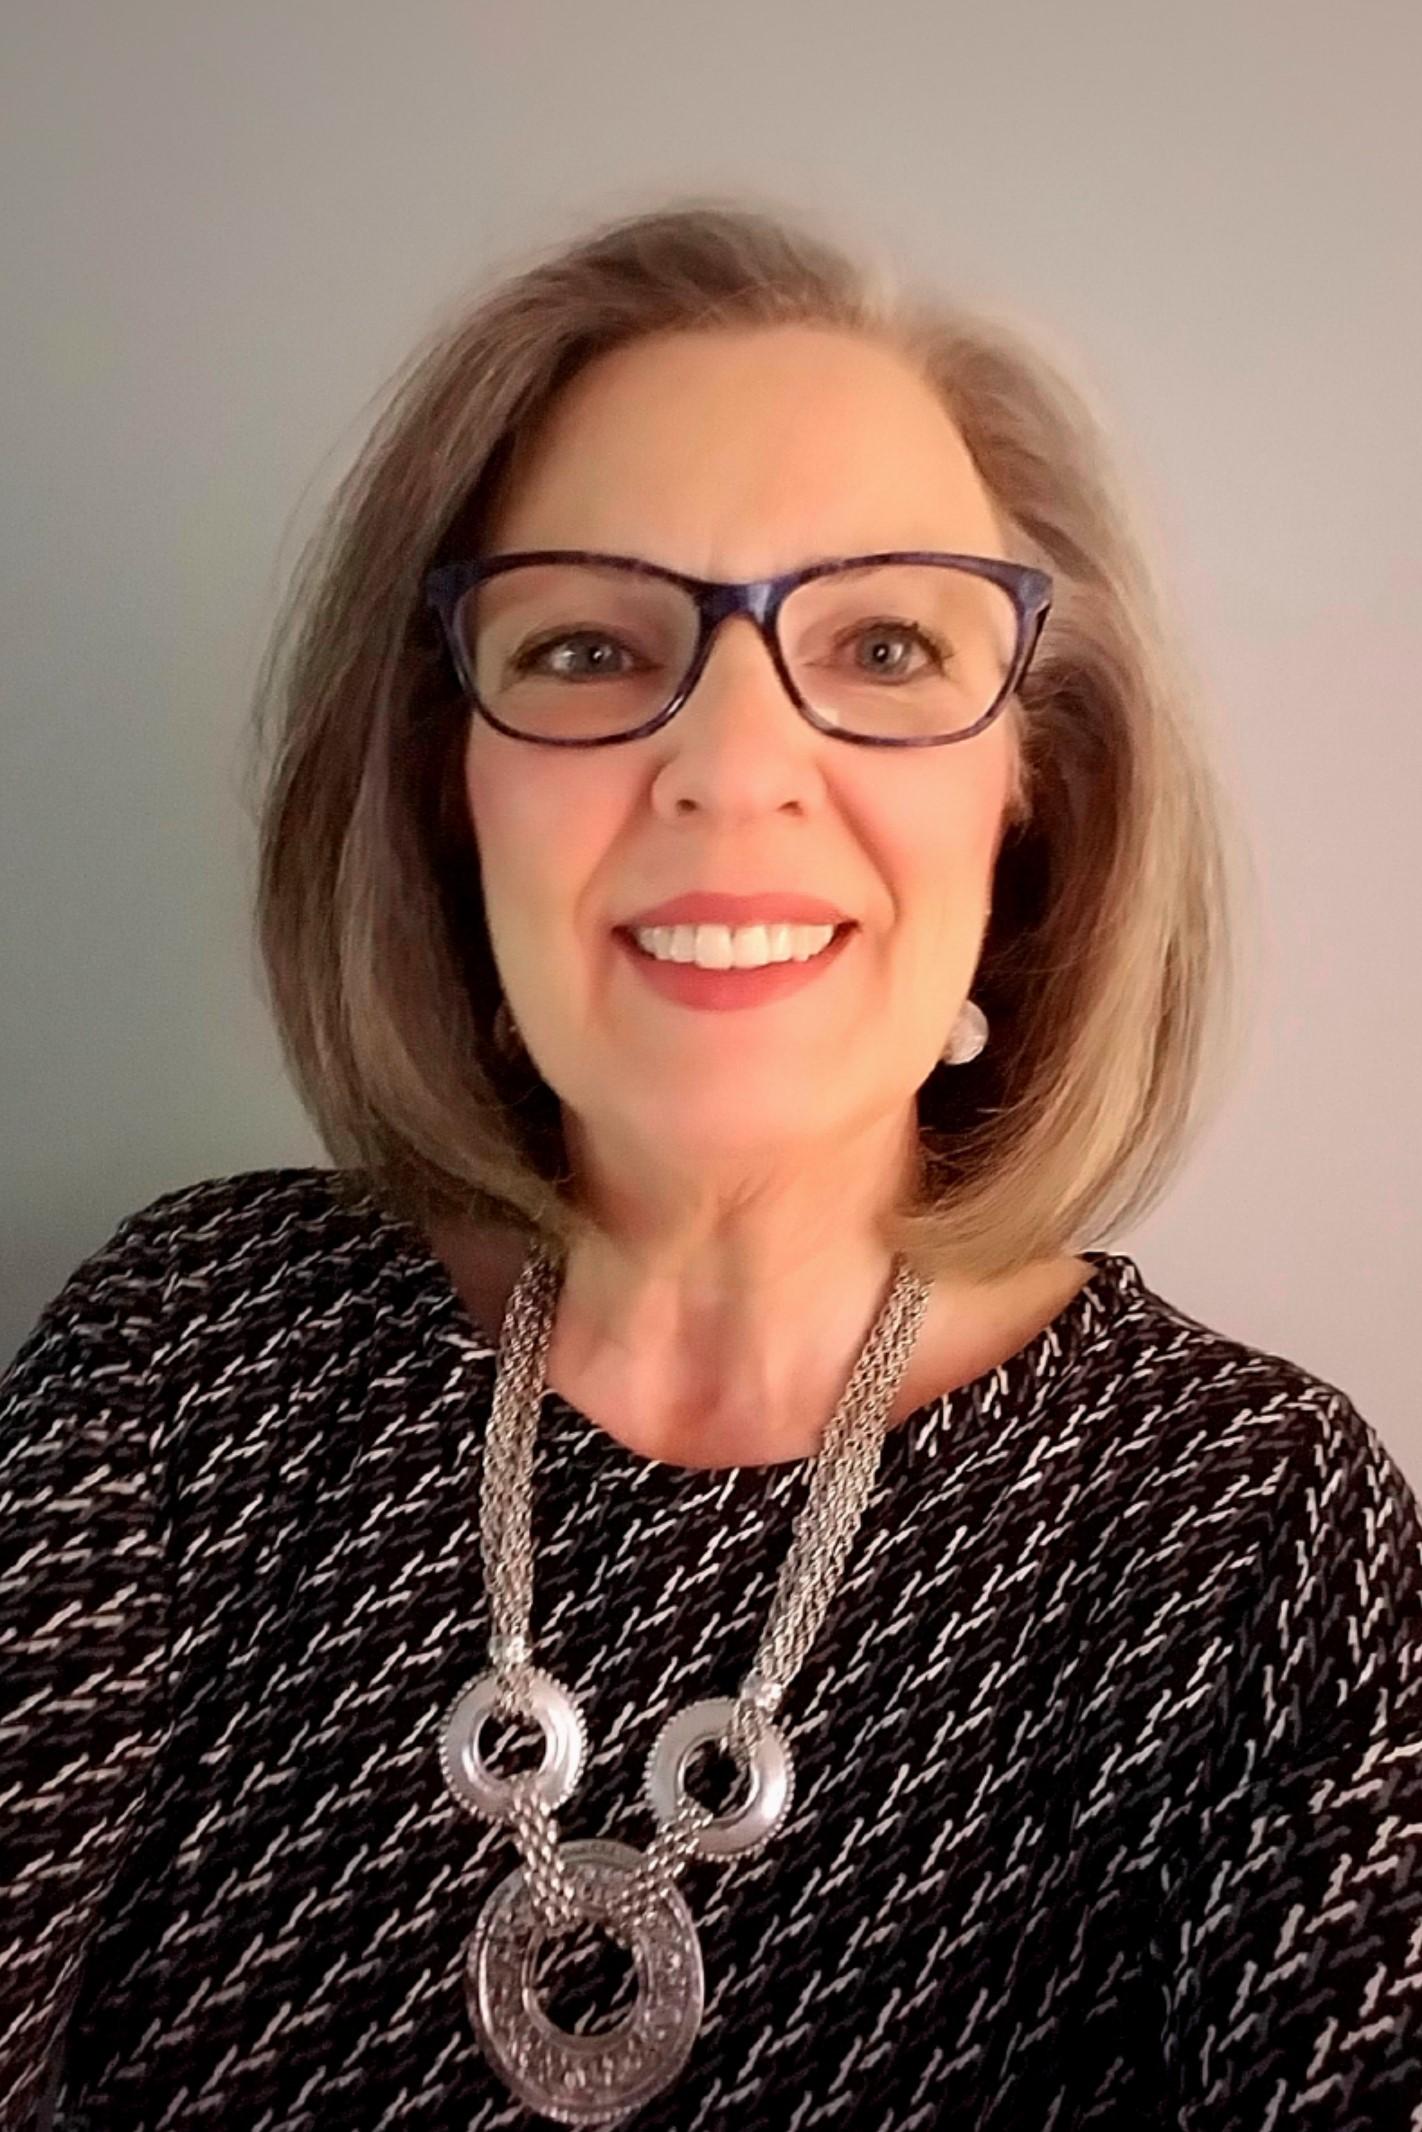 Karen Elbert headshot 9-17.jpg